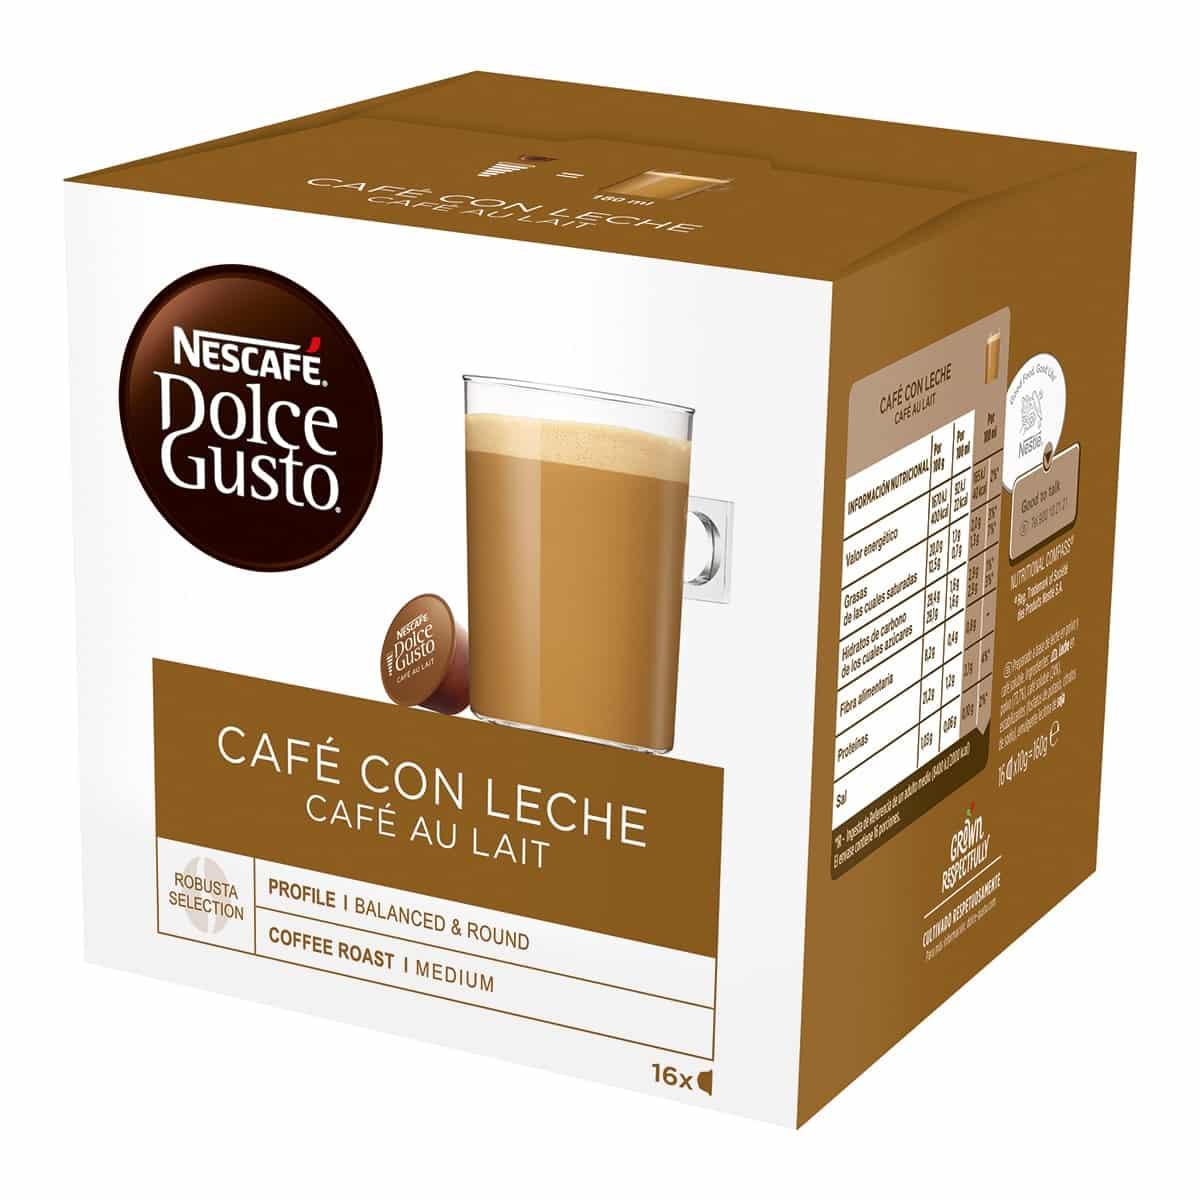 Estuche 16 cápsulas NESCAFE DOLCE GUSTO café con leche Selección robusta